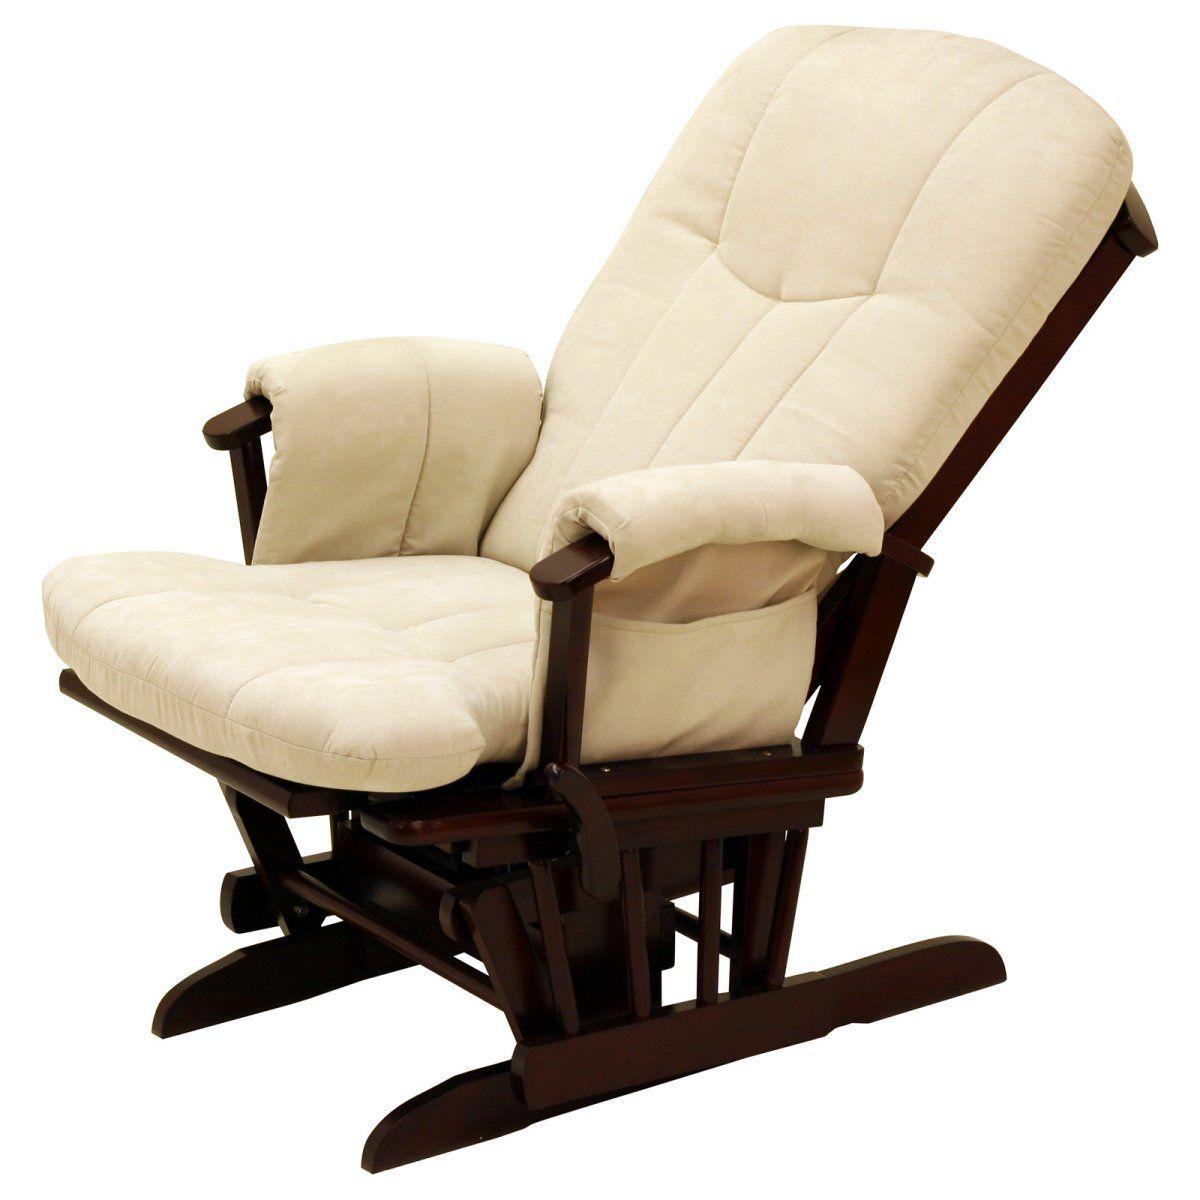 Storkcraft Deluxe Reclining Glider Rocker – Cherry/Beige – Indoor Rocking Chairs…